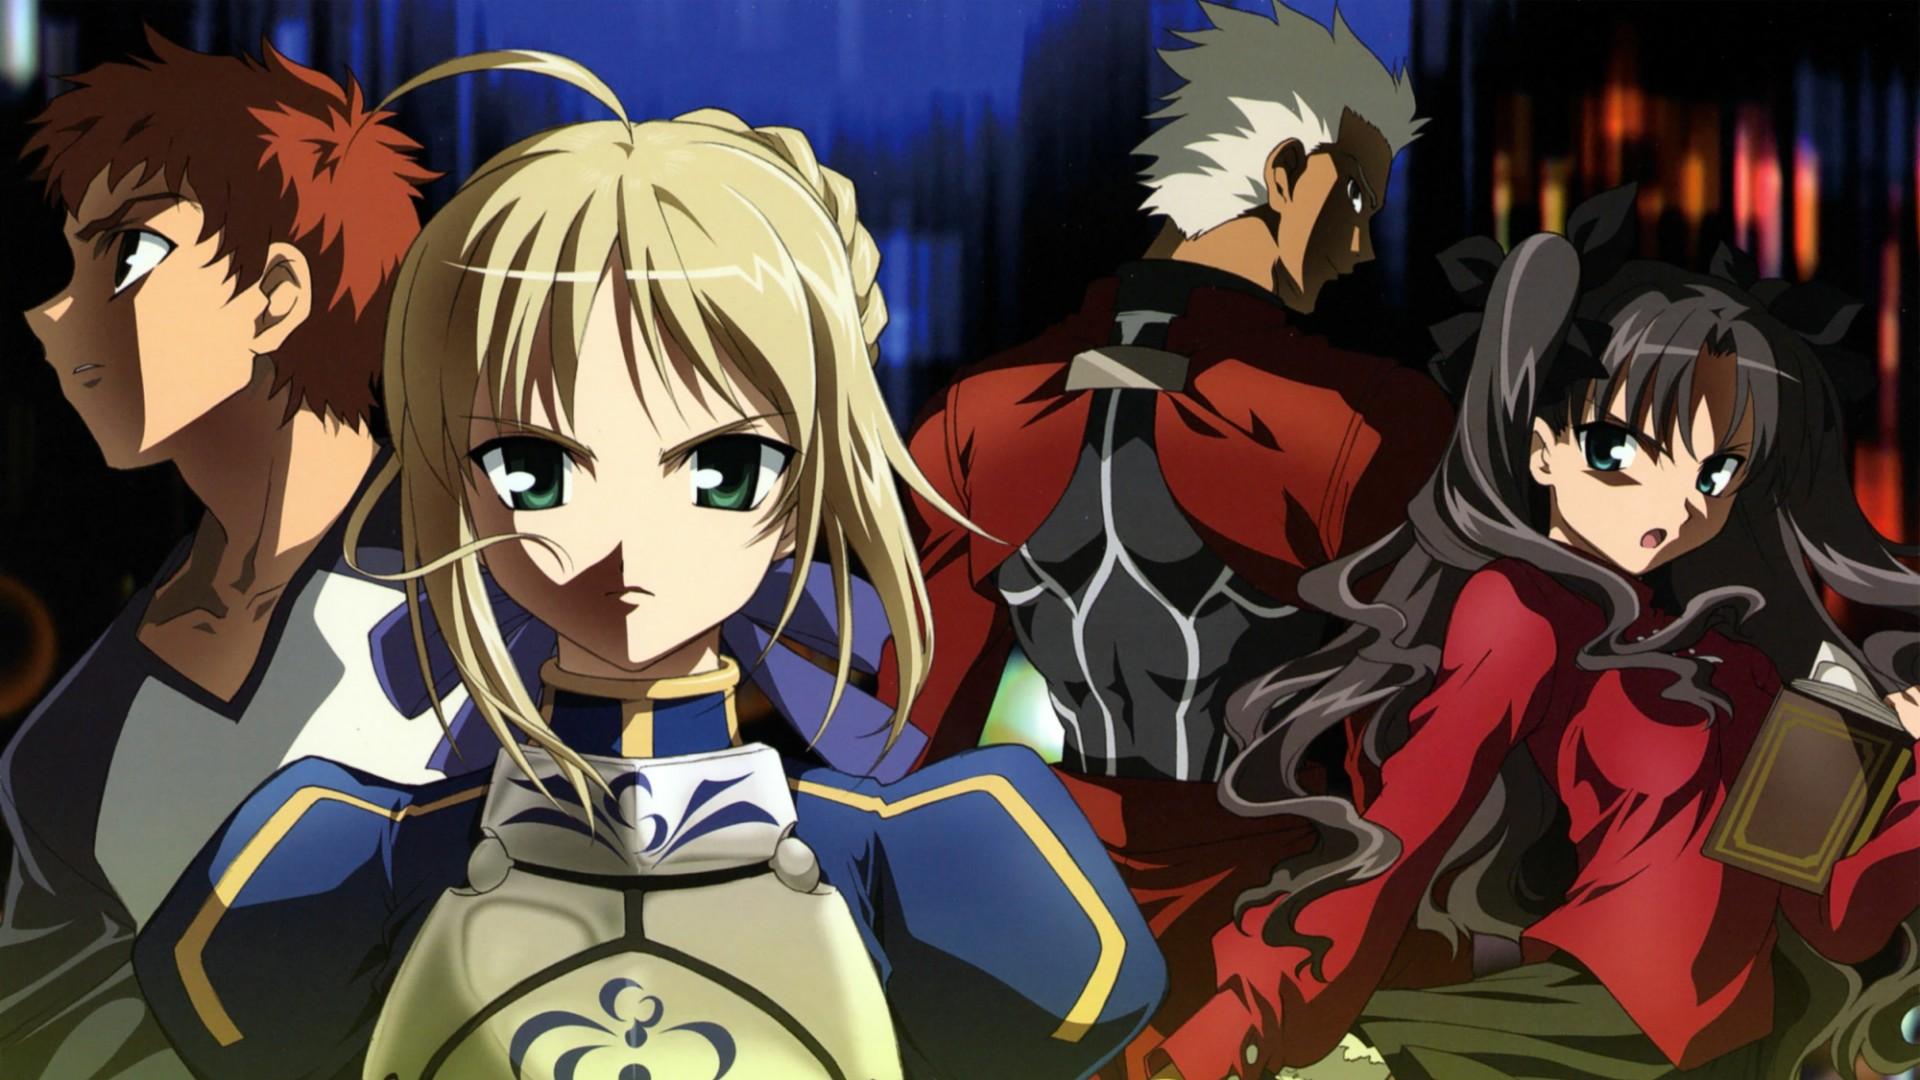 Quel a été votre premier manga/anime/jeu-vidéo ? - Page 8 Rmlcz6jZ4L3PuZwMPdOrfn2Mjes-1